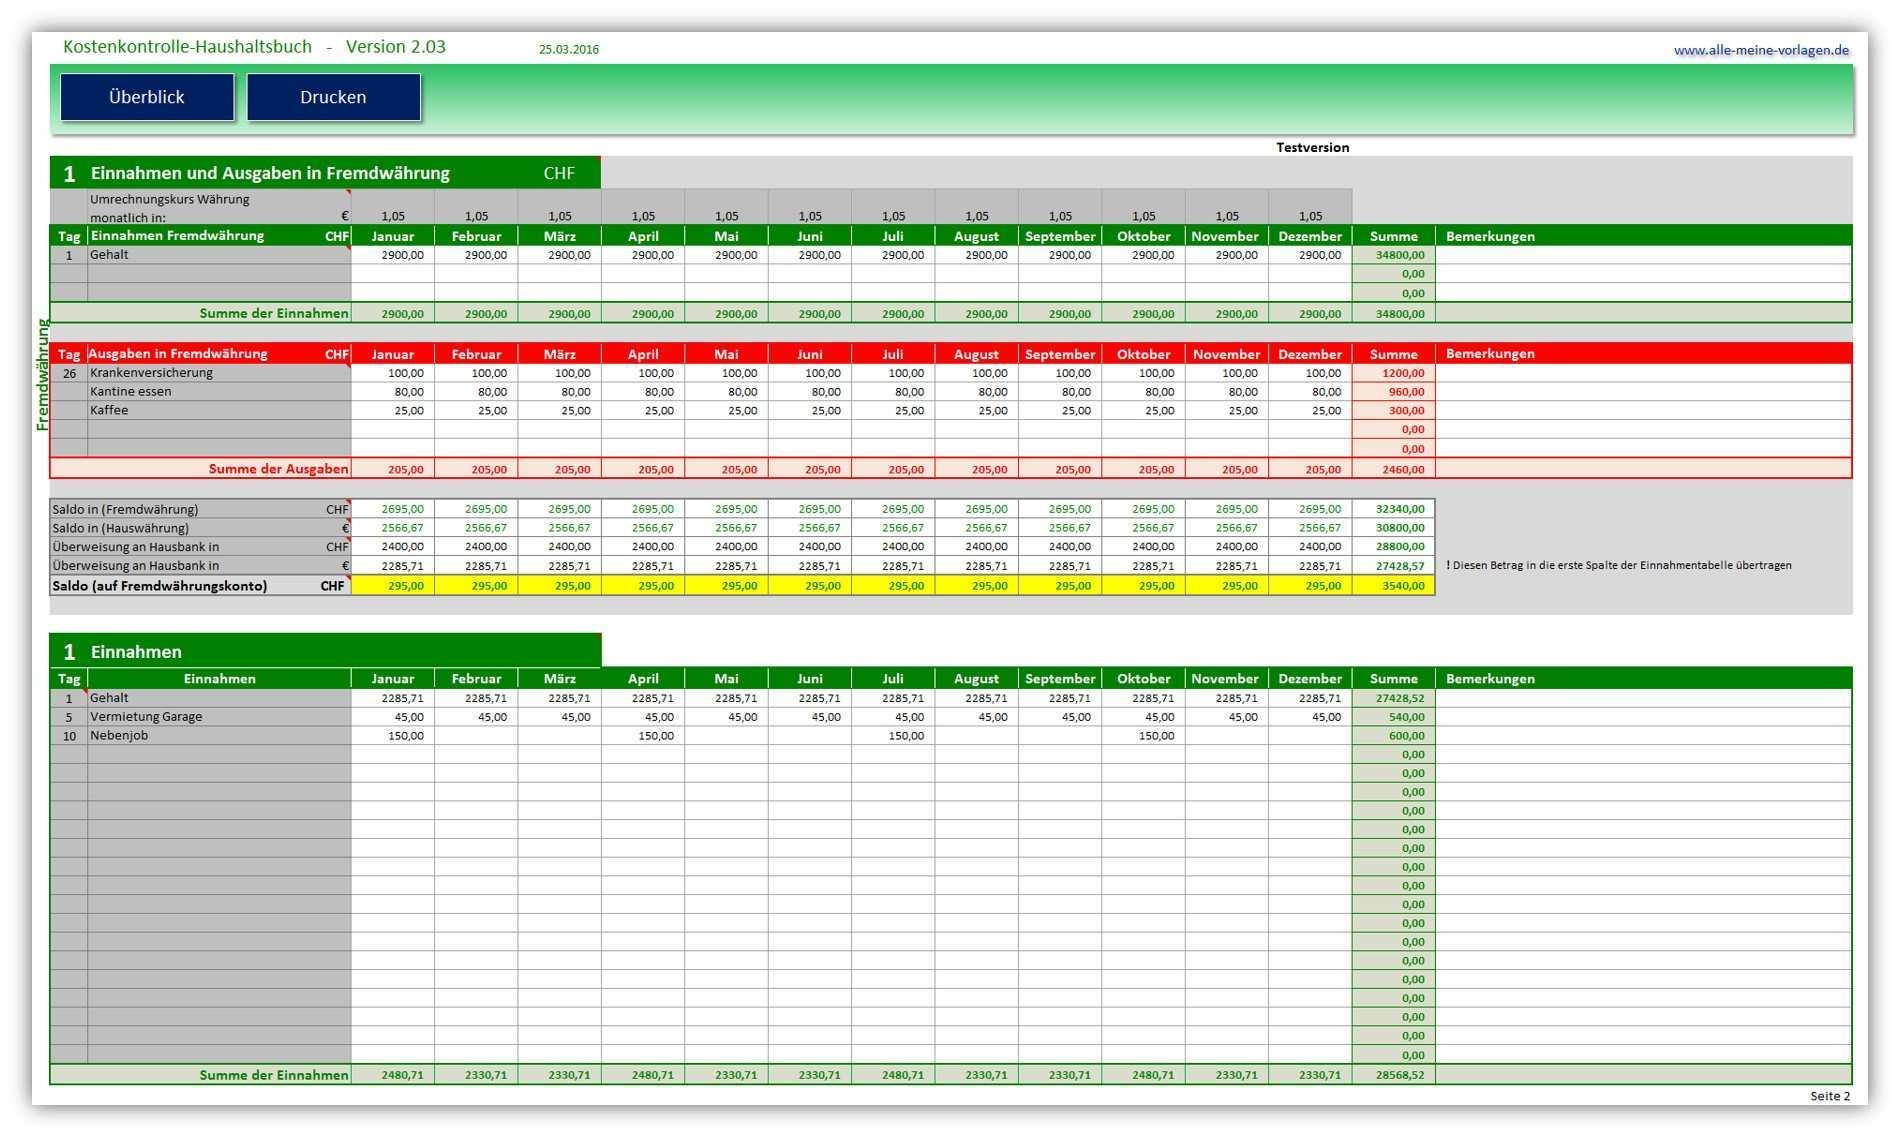 Kostenkontrolle Haushaltsbuch 2 03 Alle Meine Vorlagen De